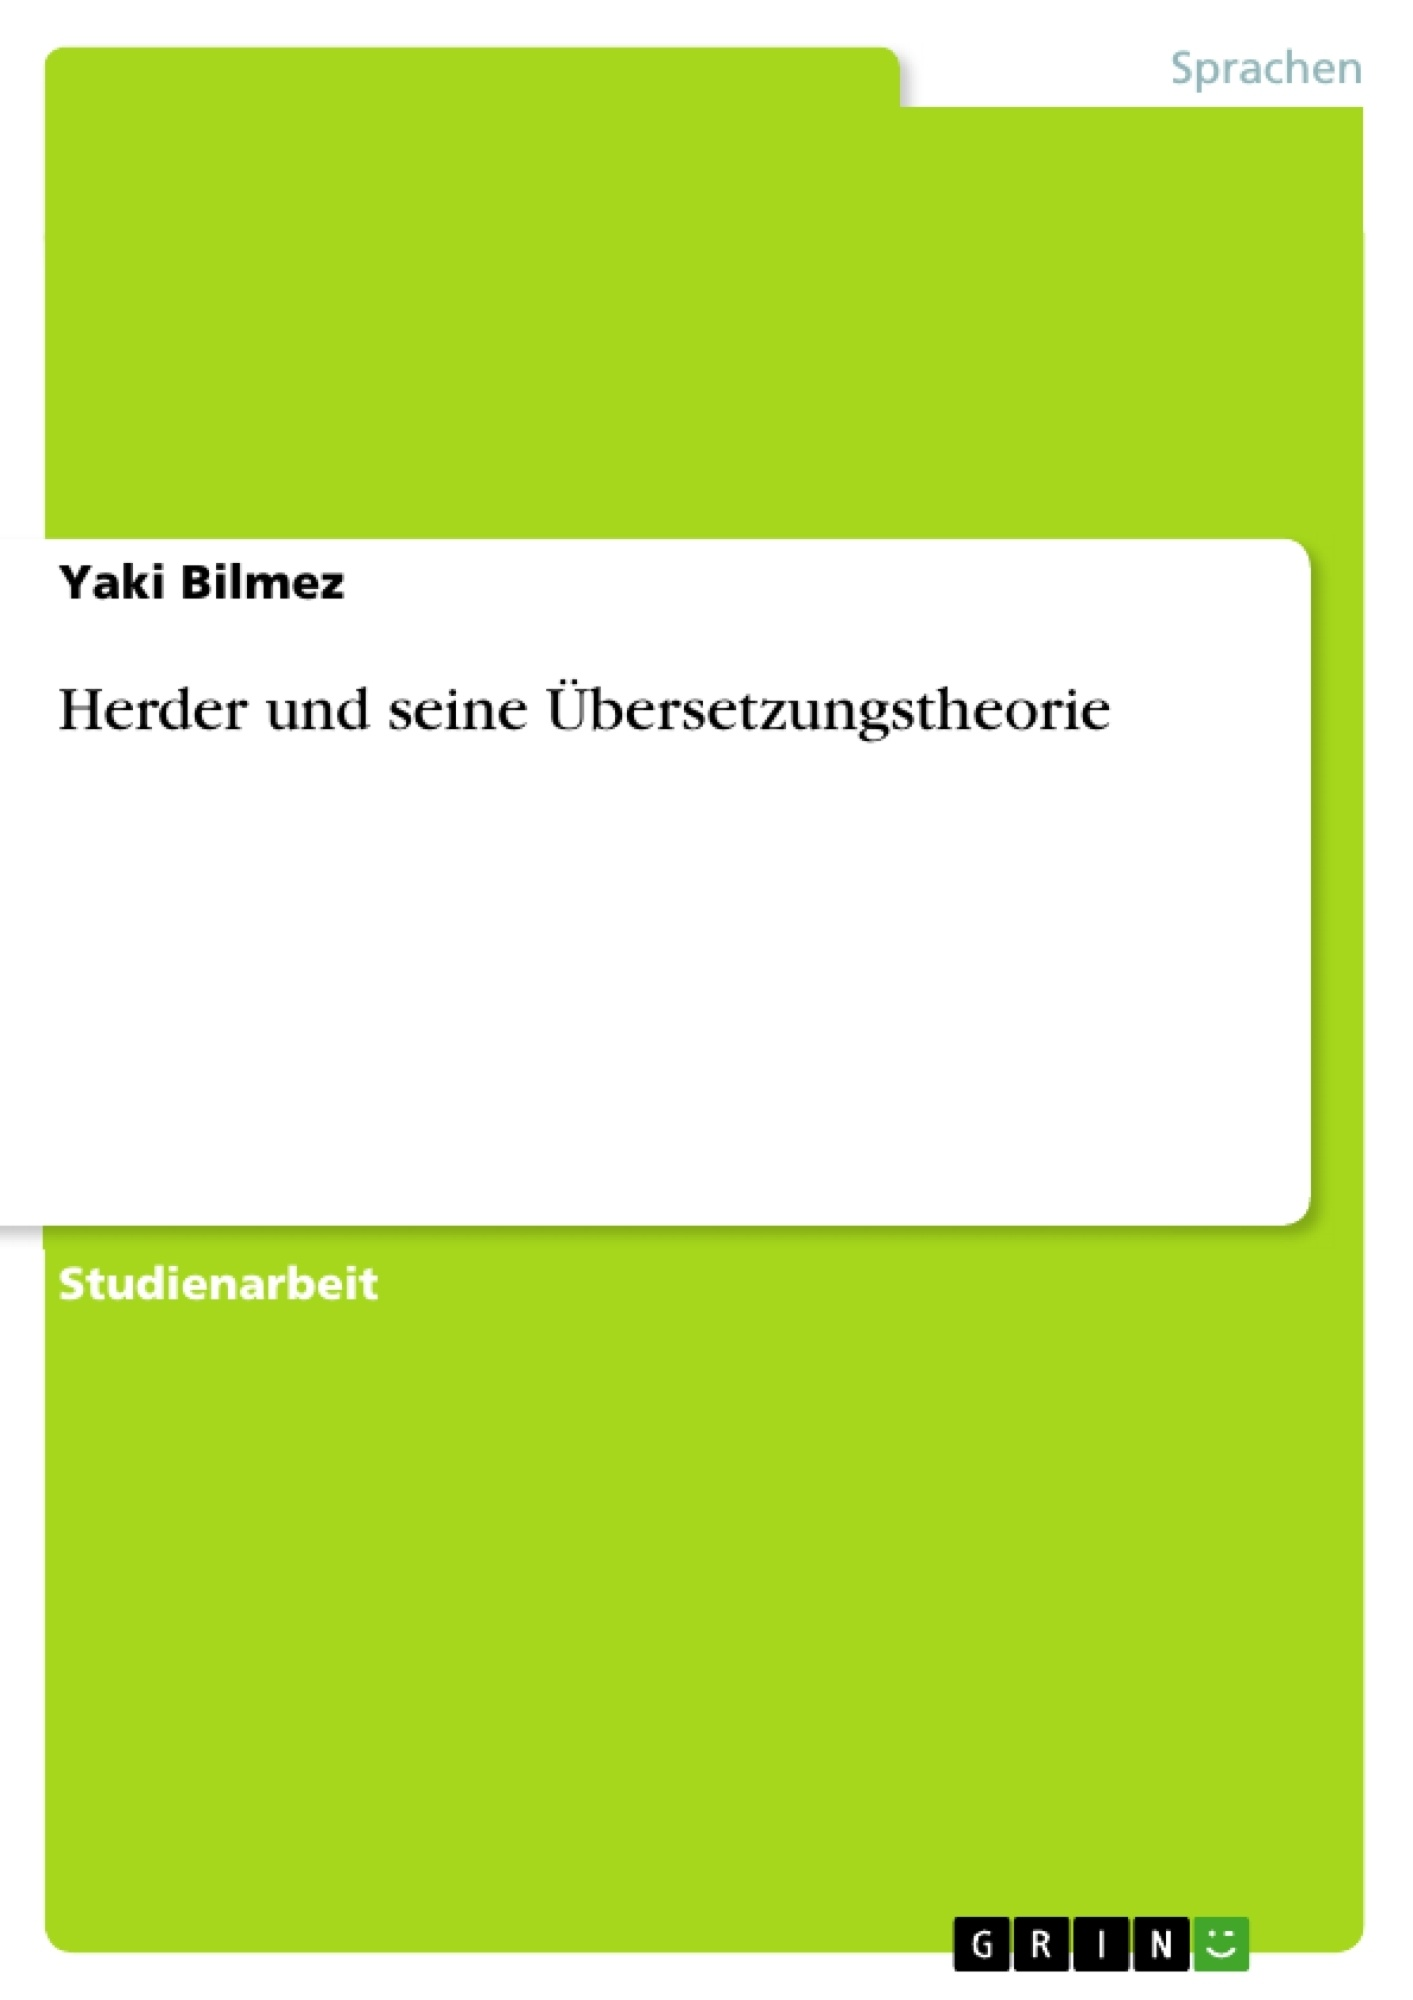 Titel: Herder und seine Übersetzungstheorie